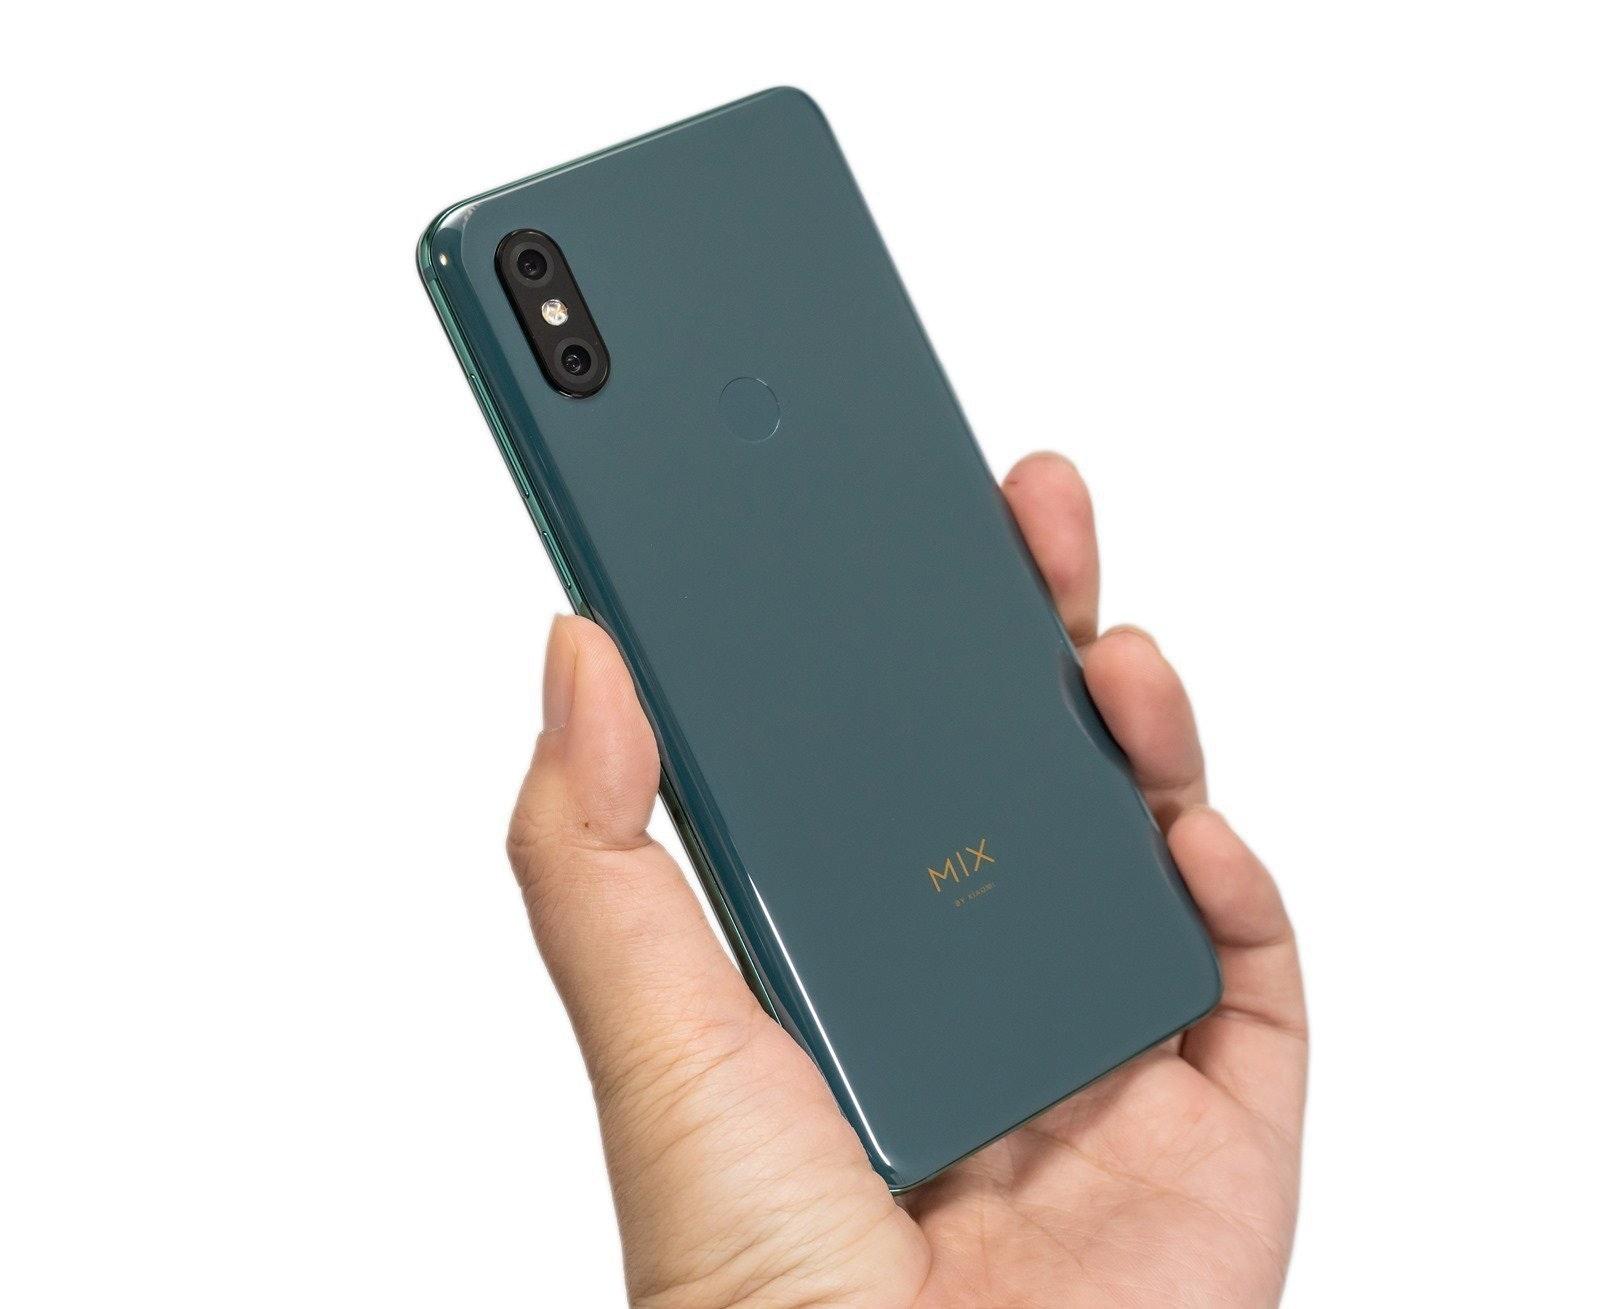 是[性能電力測] 首款滑蓋全螢幕小米 MIX3,台灣版本性能電力實測這篇文章的首圖